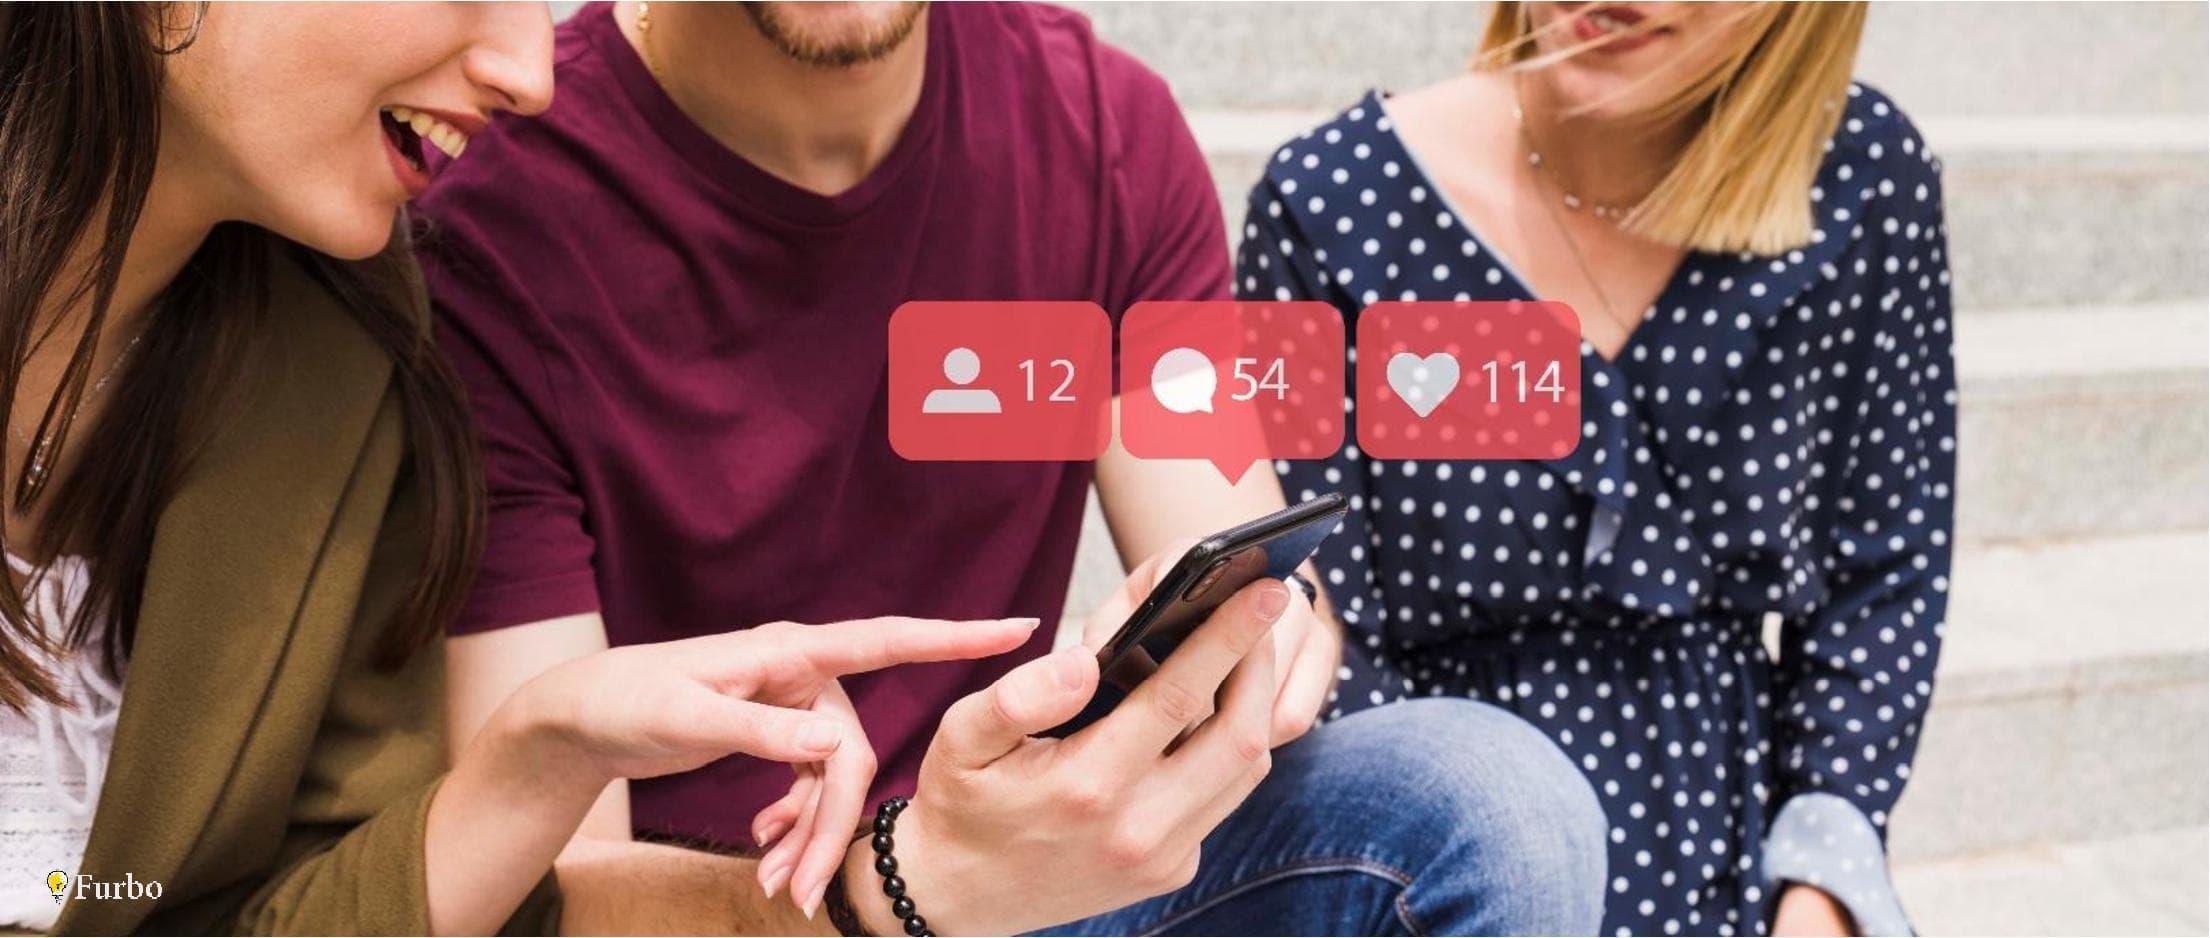 سئو رسانههای اجتماعی / شبکههای اجتماعی